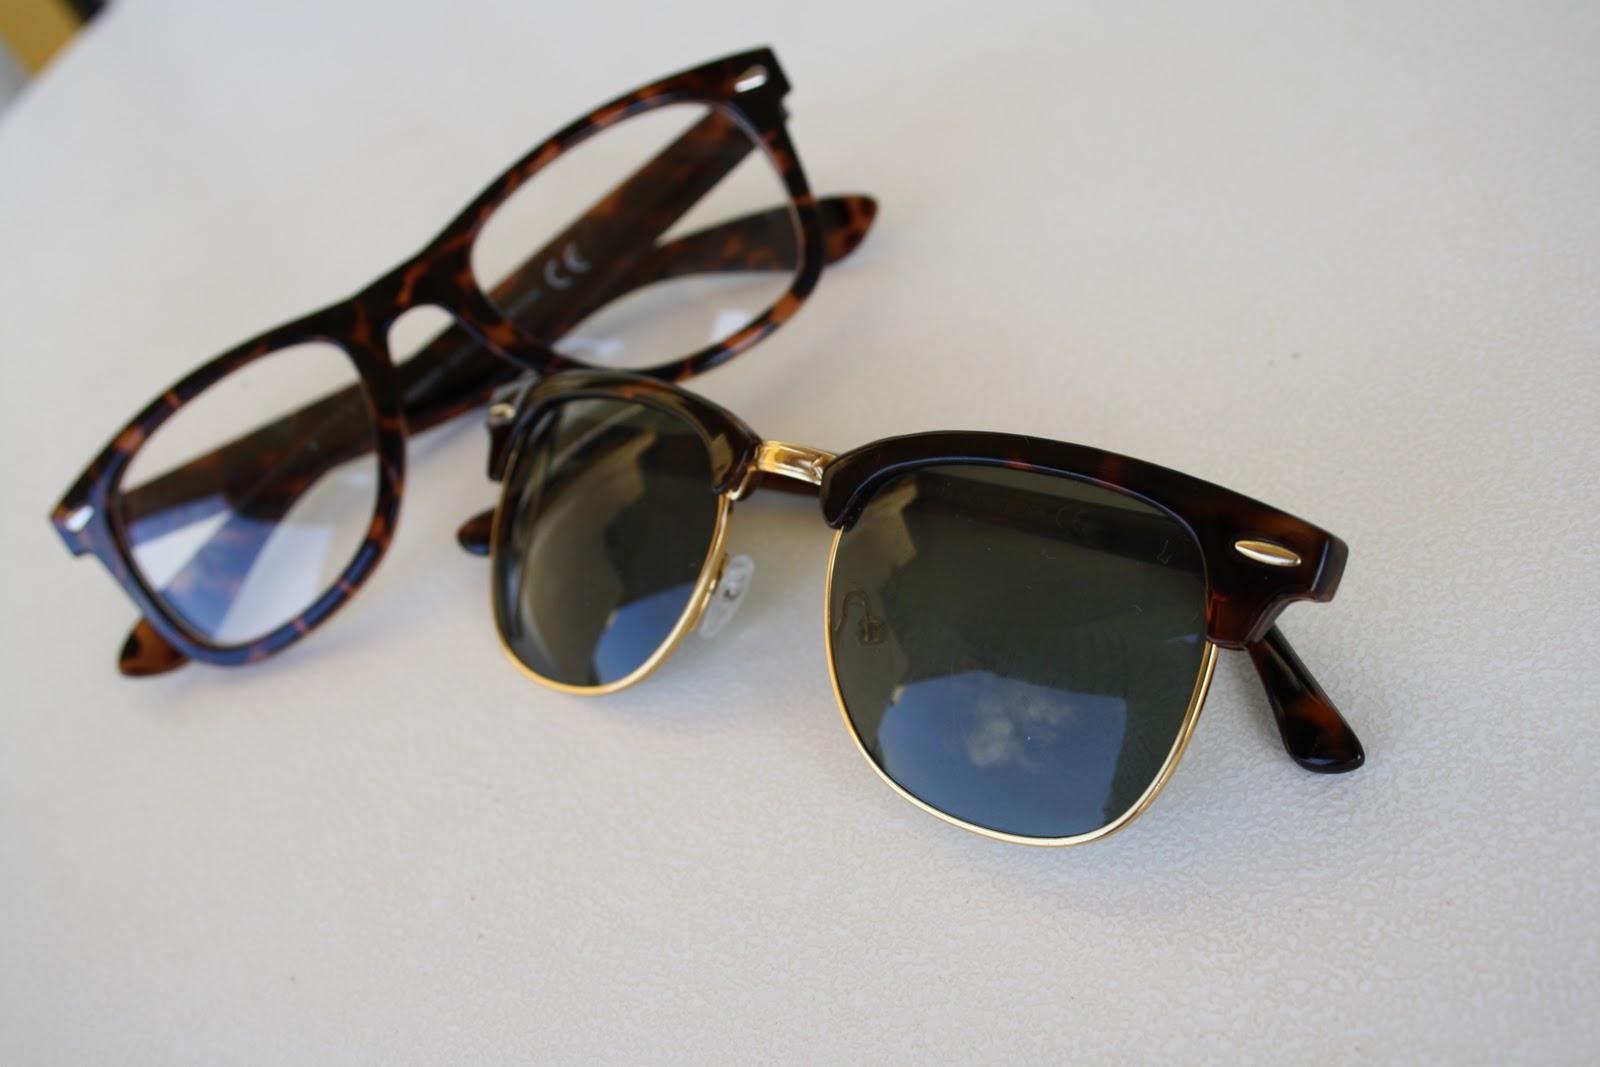 Urban Fashion Scenario: Trend spotted: Nerd glasses & Ray ...